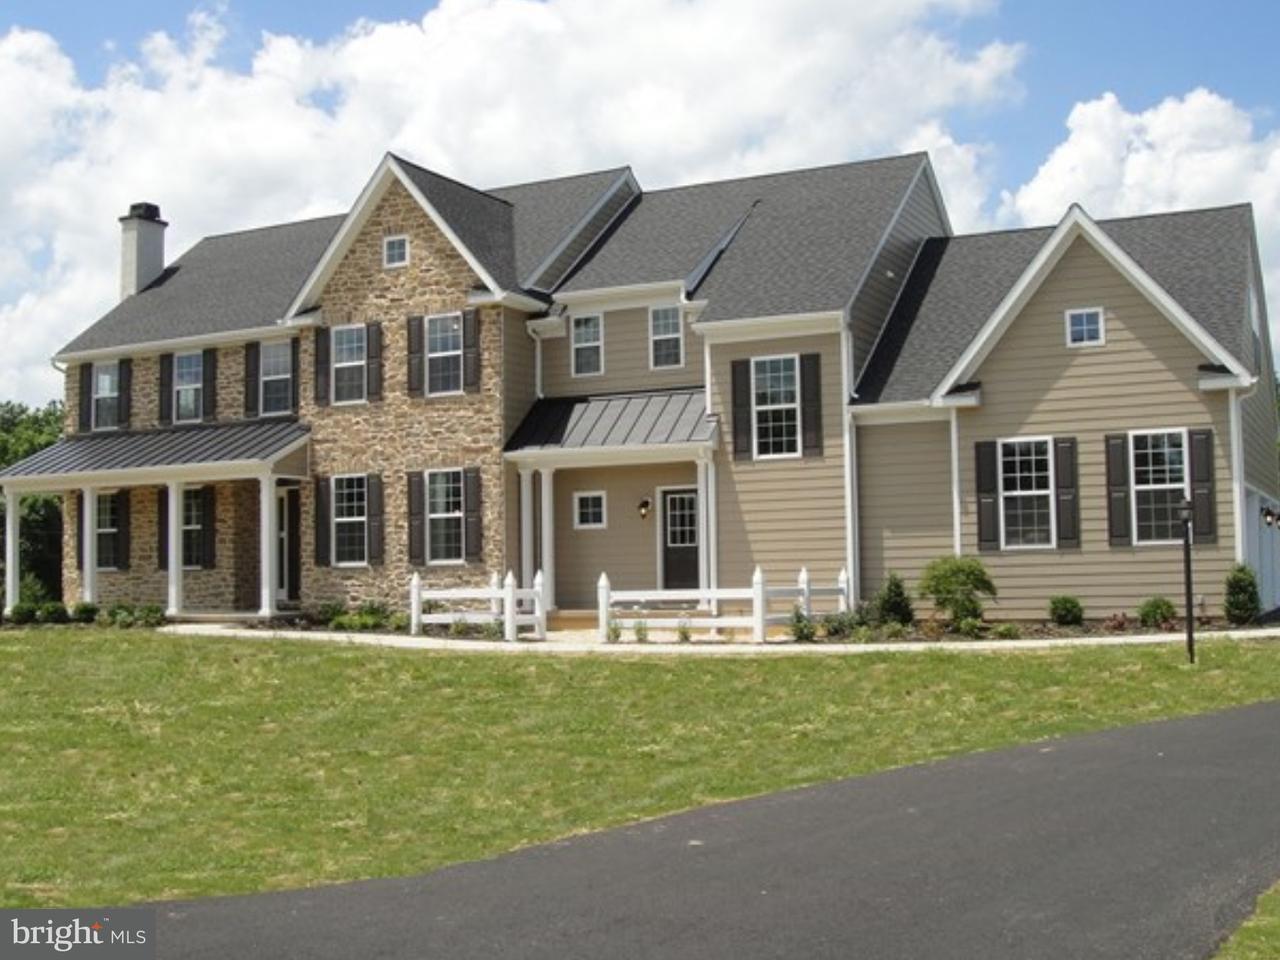 独户住宅 为 销售 在 Lot 2 ROSE Lane Horsham, 宾夕法尼亚州 19044 美国